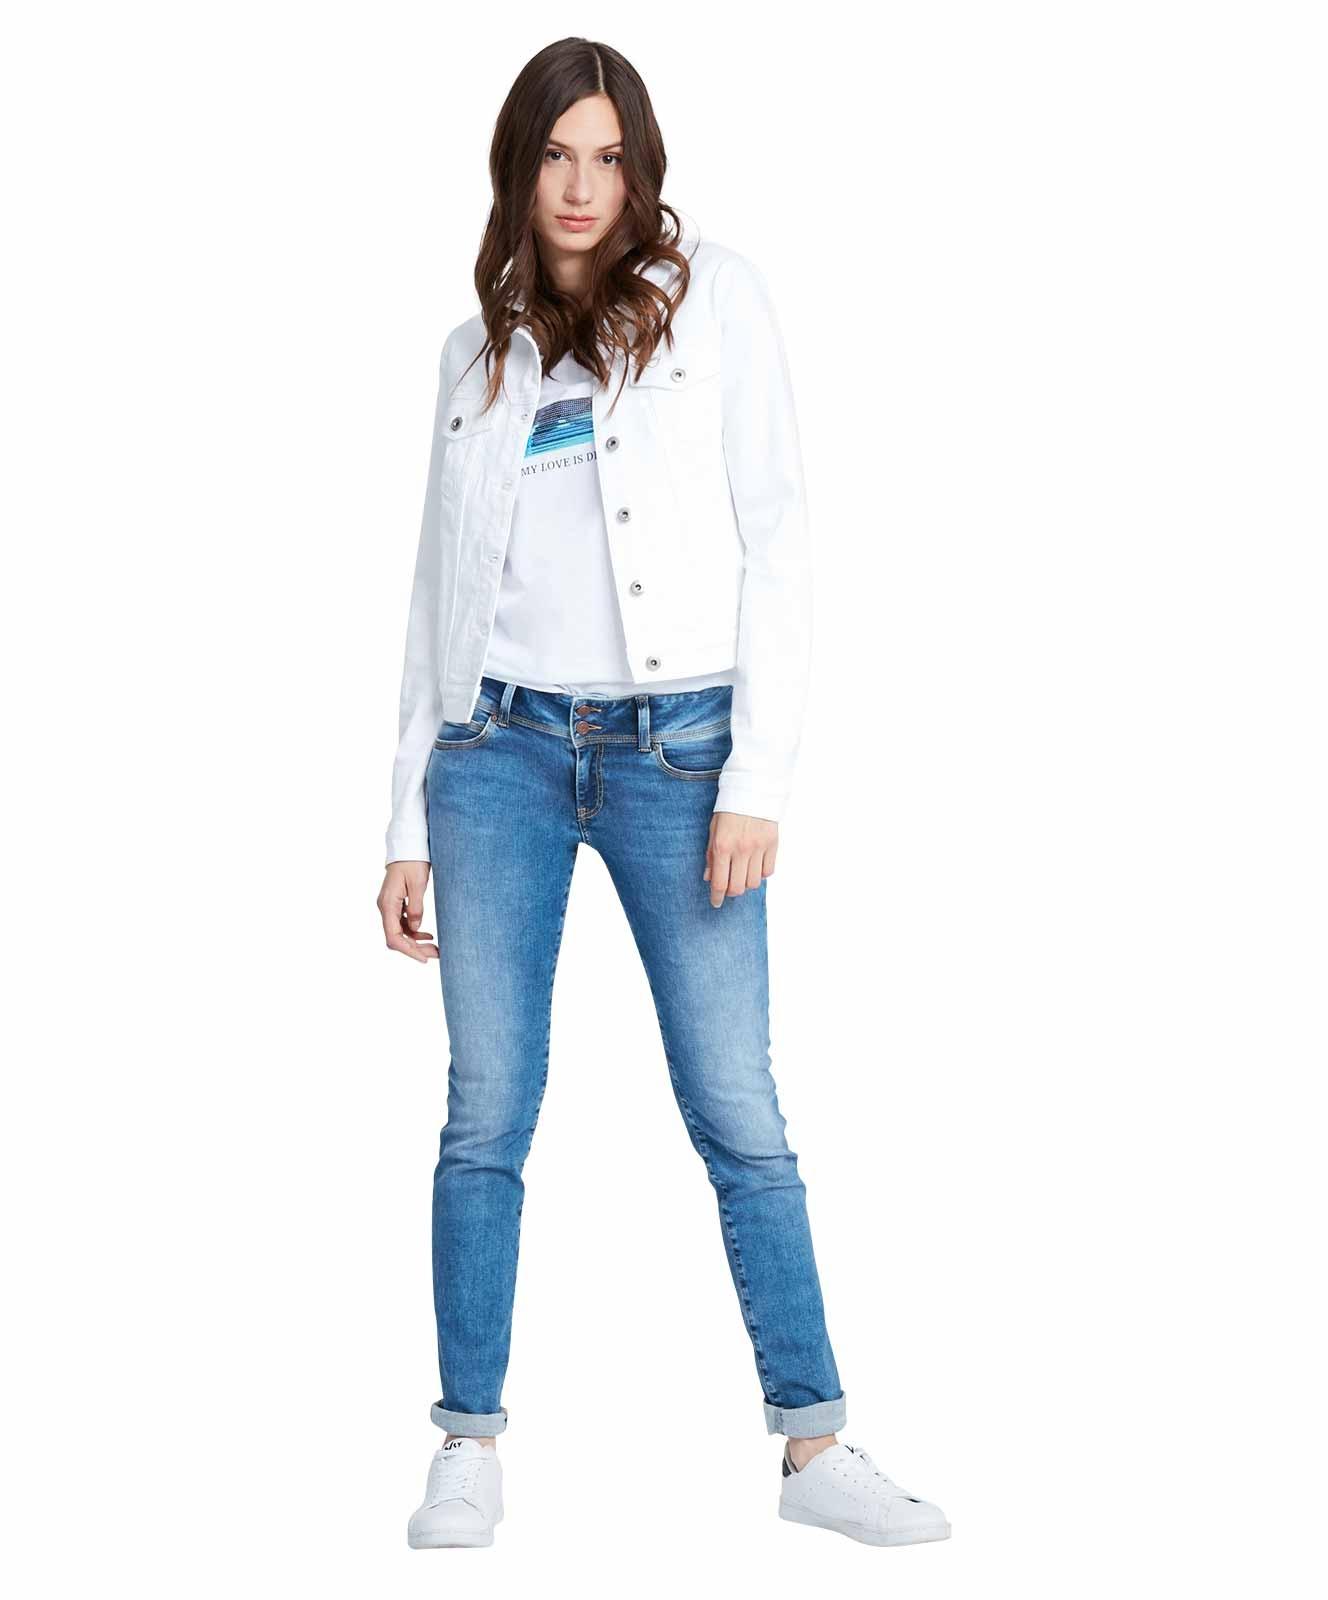 Hosen - Cross Straight Leg Jeans Loie in Medium Blue  - Onlineshop Jeans Meile